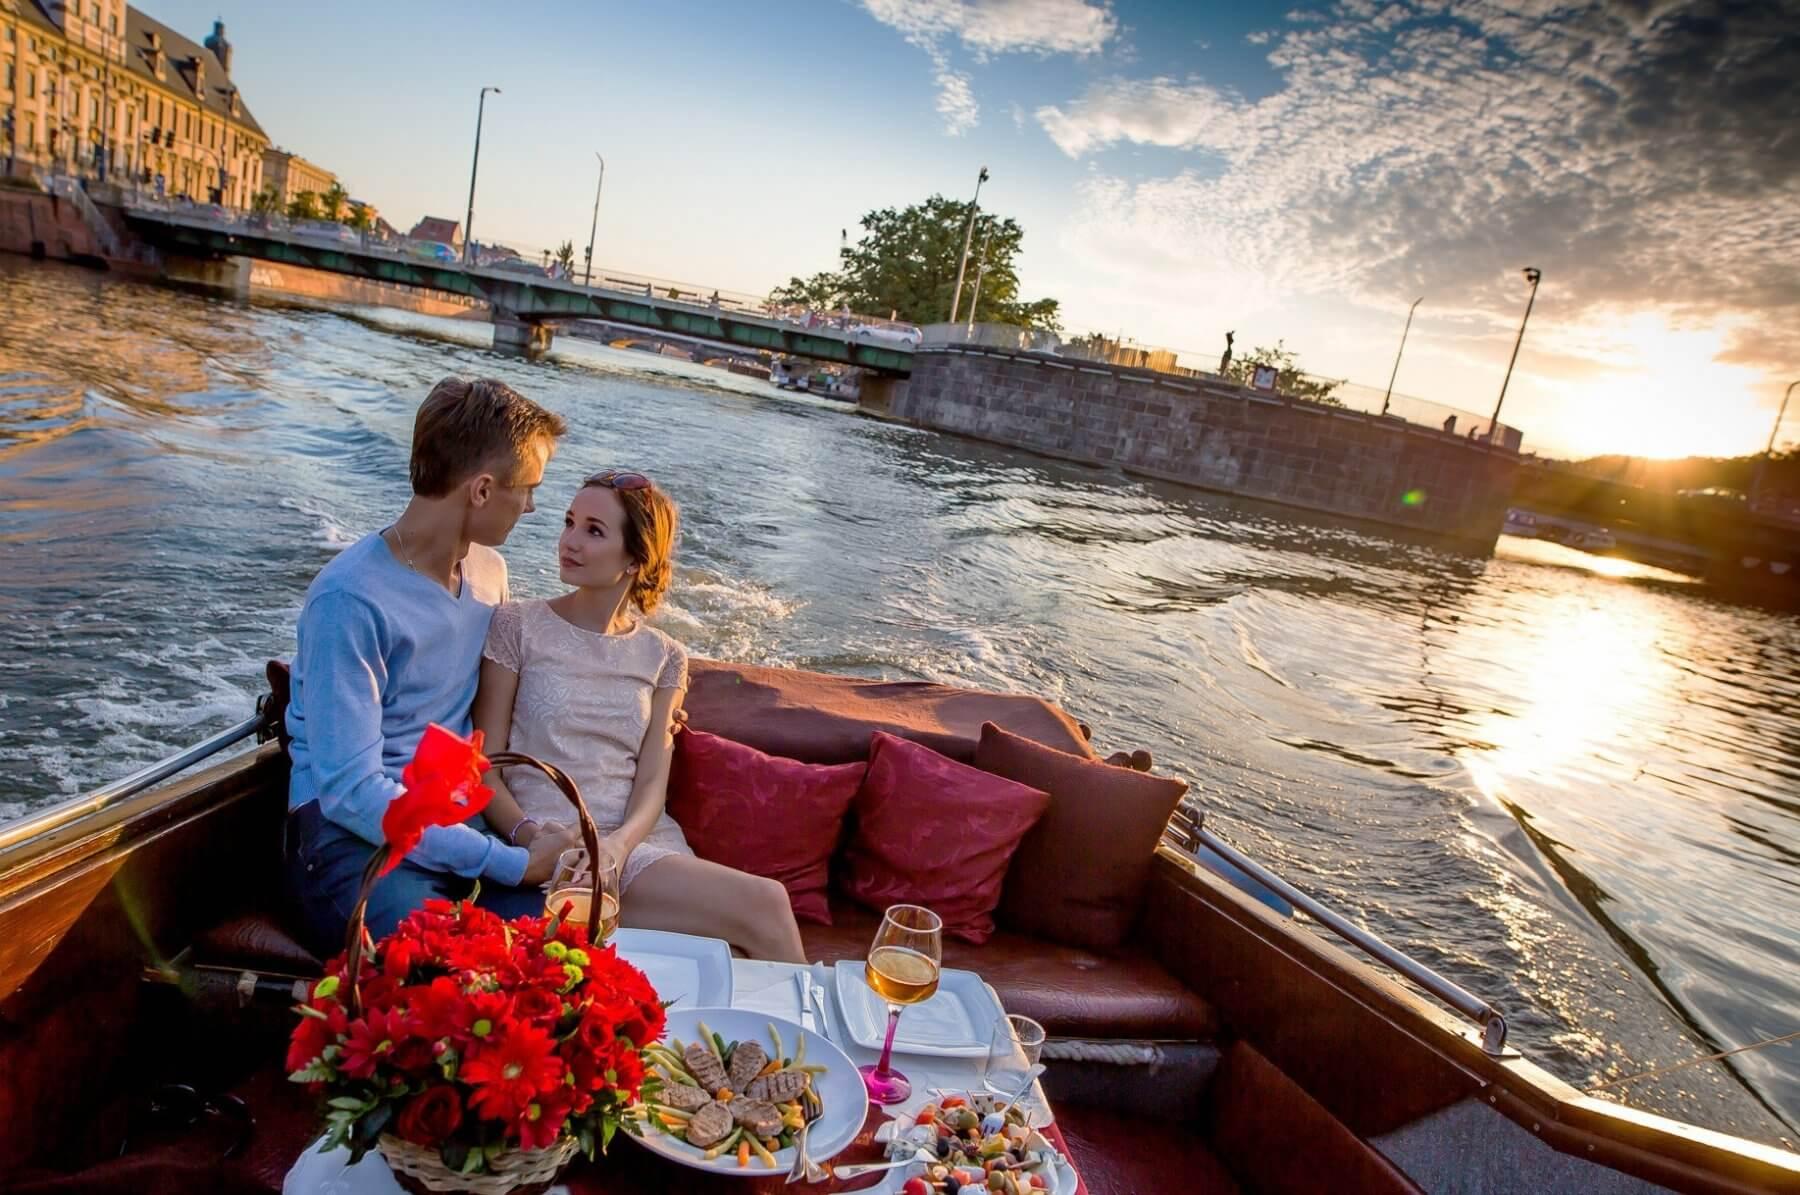 Rejs z kolacja na pokładzie jachtu - Wrocław